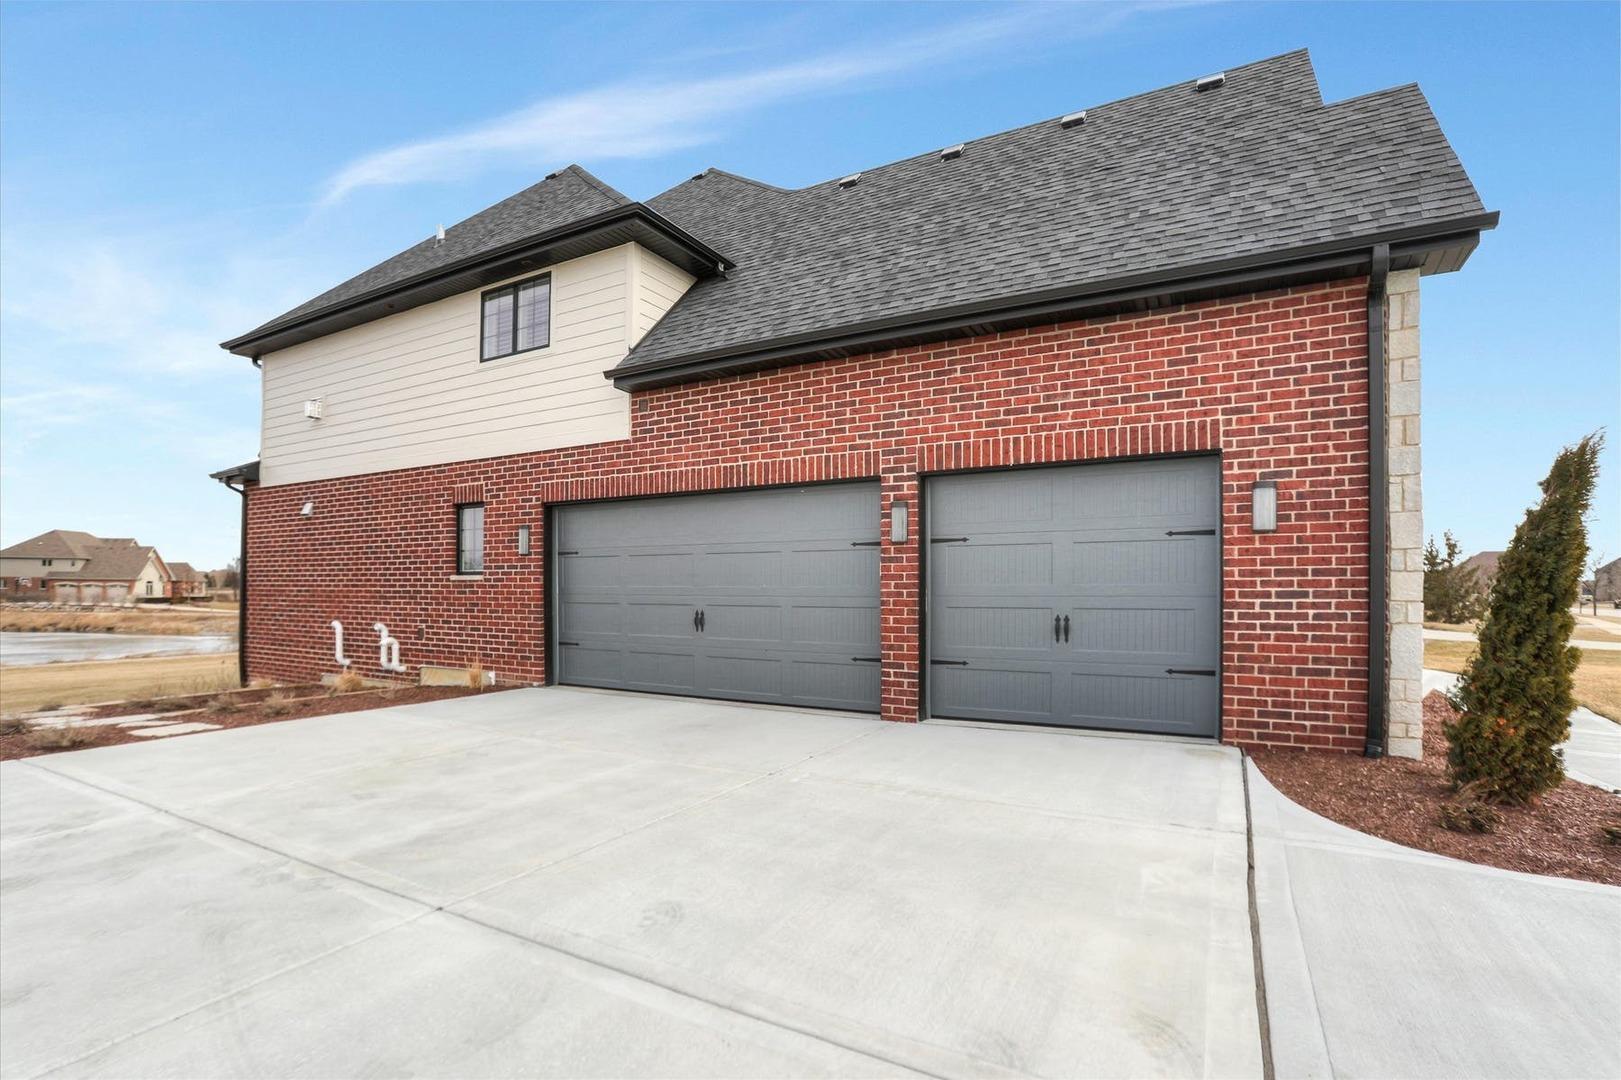 11912 Elise, Frankfort, Illinois, 60423